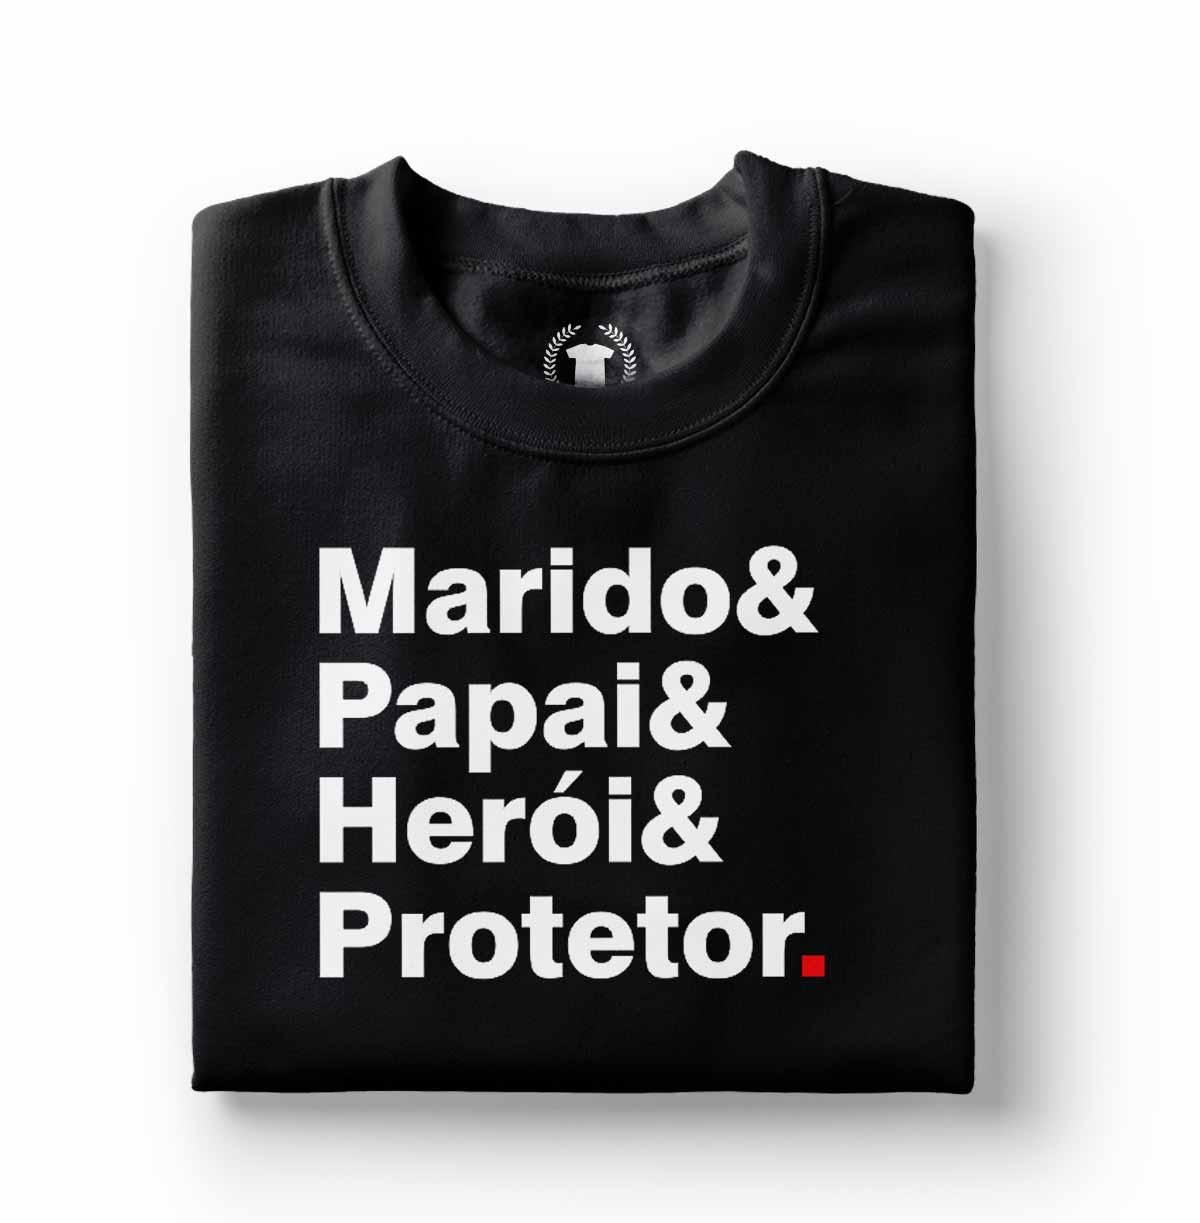 camiseta presente para pai marido heroi protetor